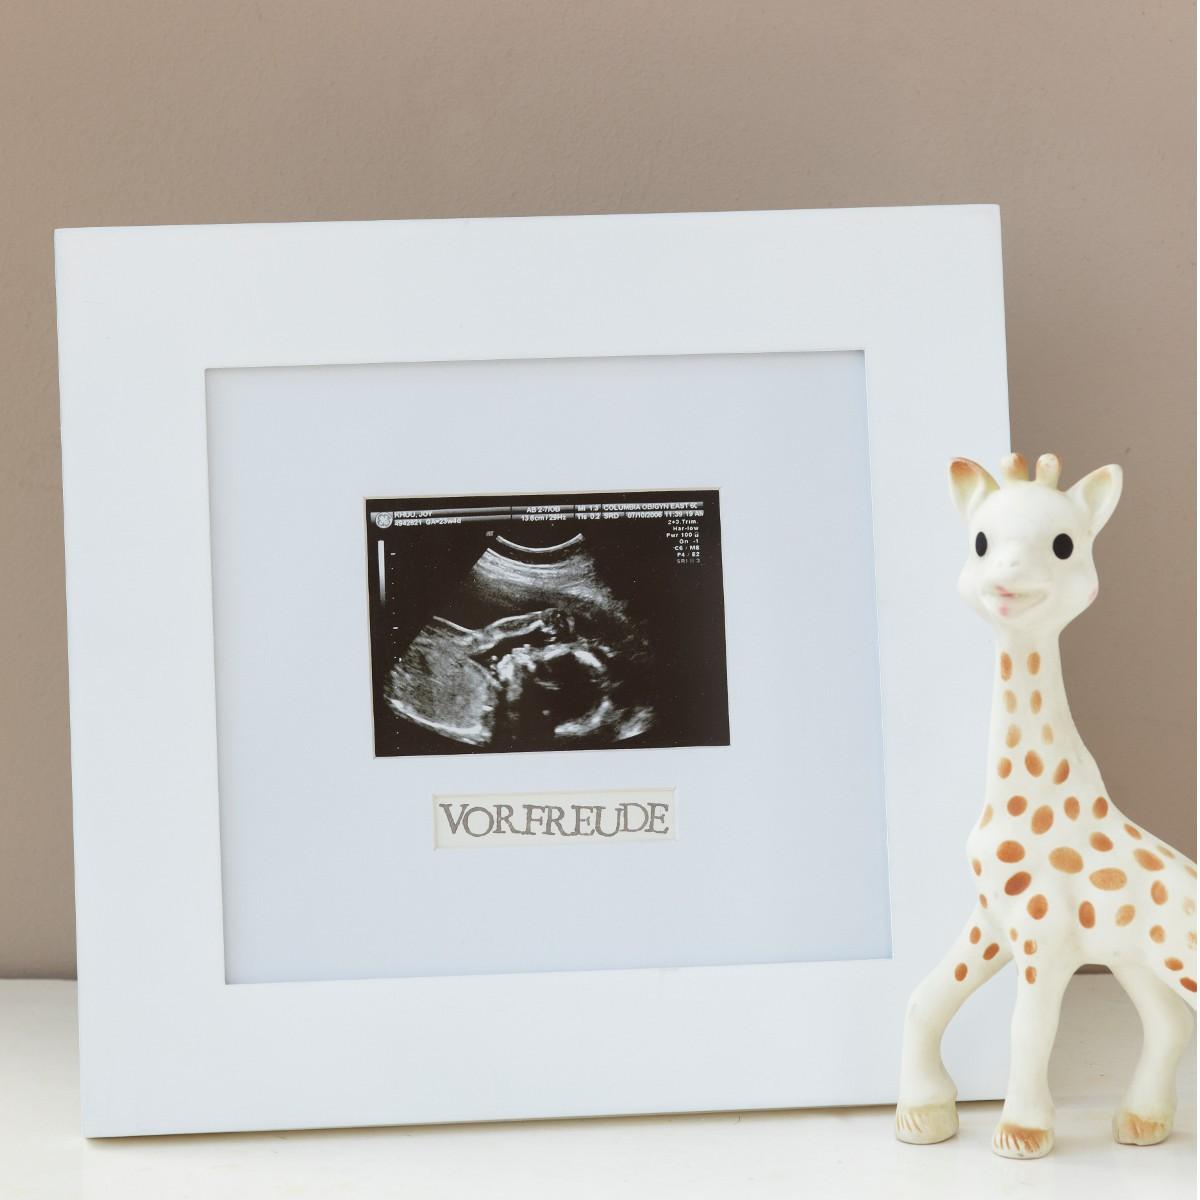 Wunderbar Giraffendruckbilderrahmen Ideen - Benutzerdefinierte ...